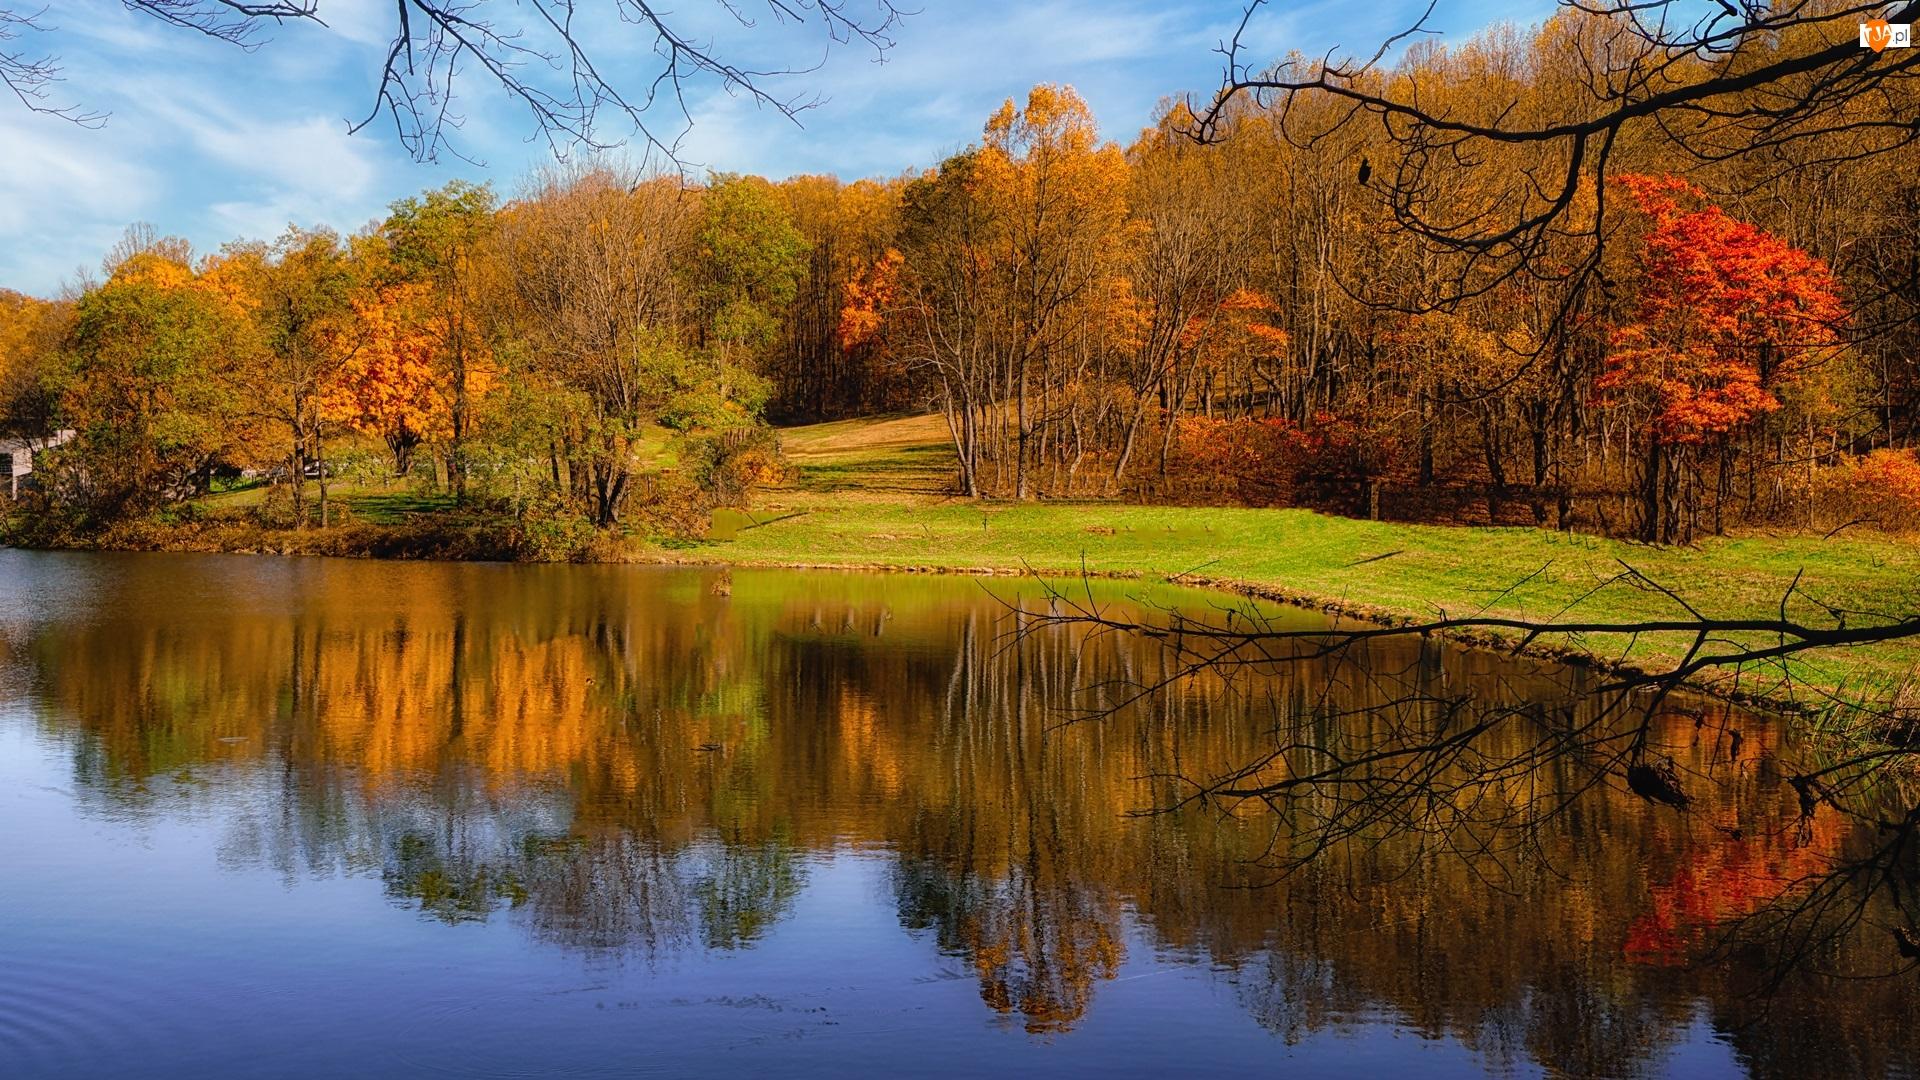 Pożółkłe, Jesień, Staw, Park, Drzewa